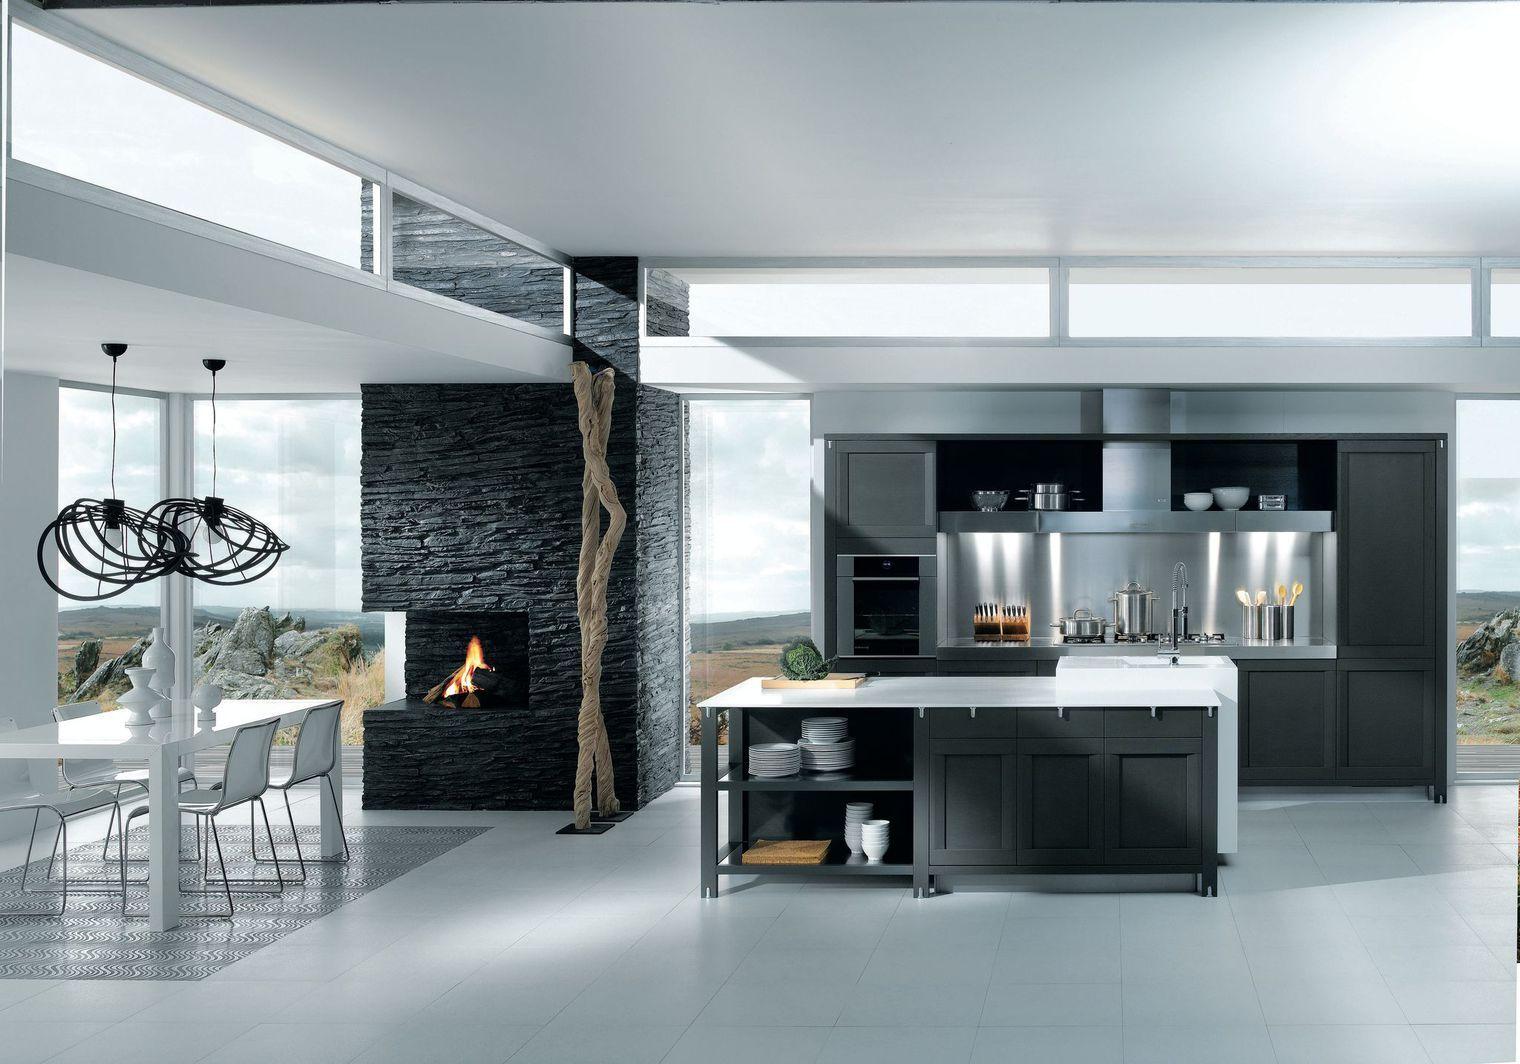 Cuisine ouverte : 16 modèles de cuisiniste | Inox brossé, Ilot ...